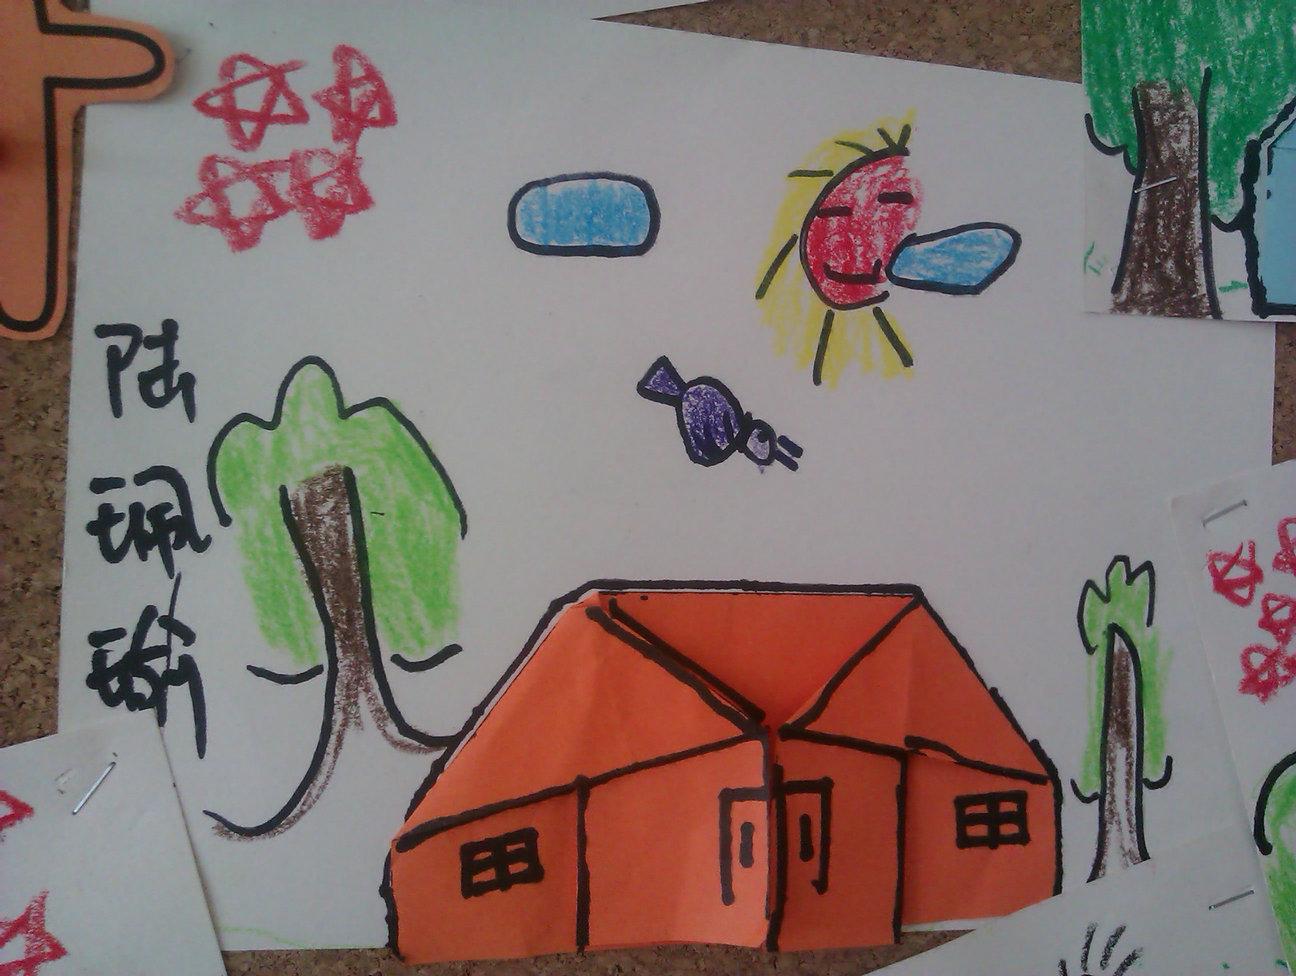 第二次是添画小房子的背景啦——蓝天白云小鸟树